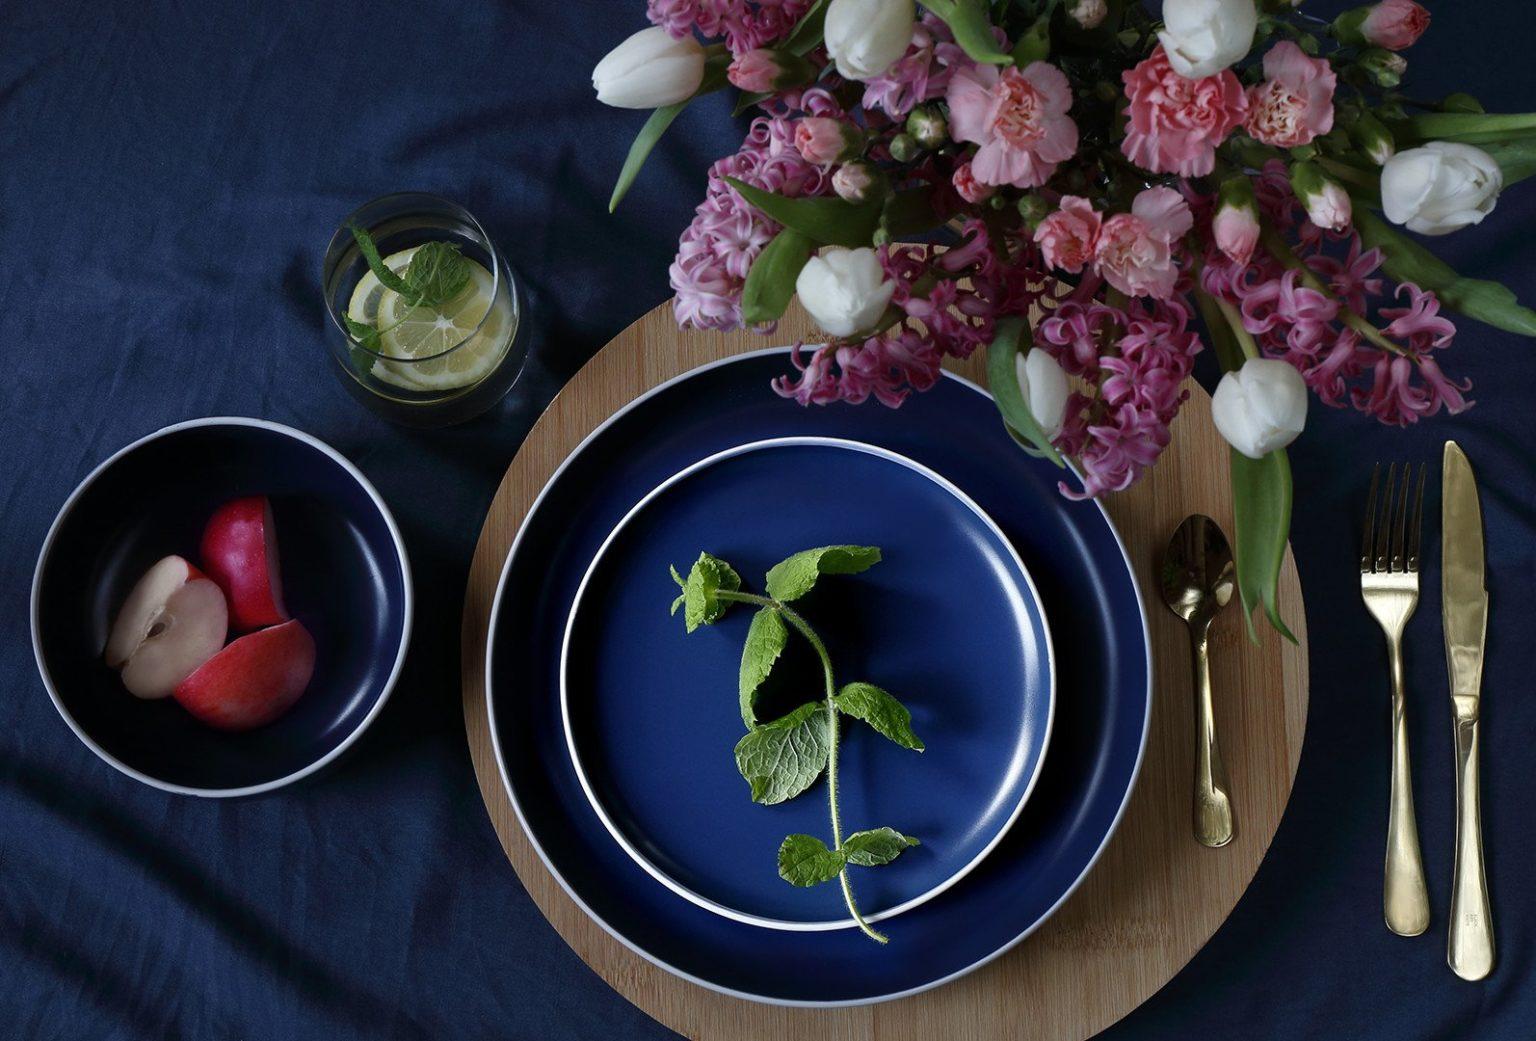 Przepis na niezapomnianą kolację przy świecach | Blog